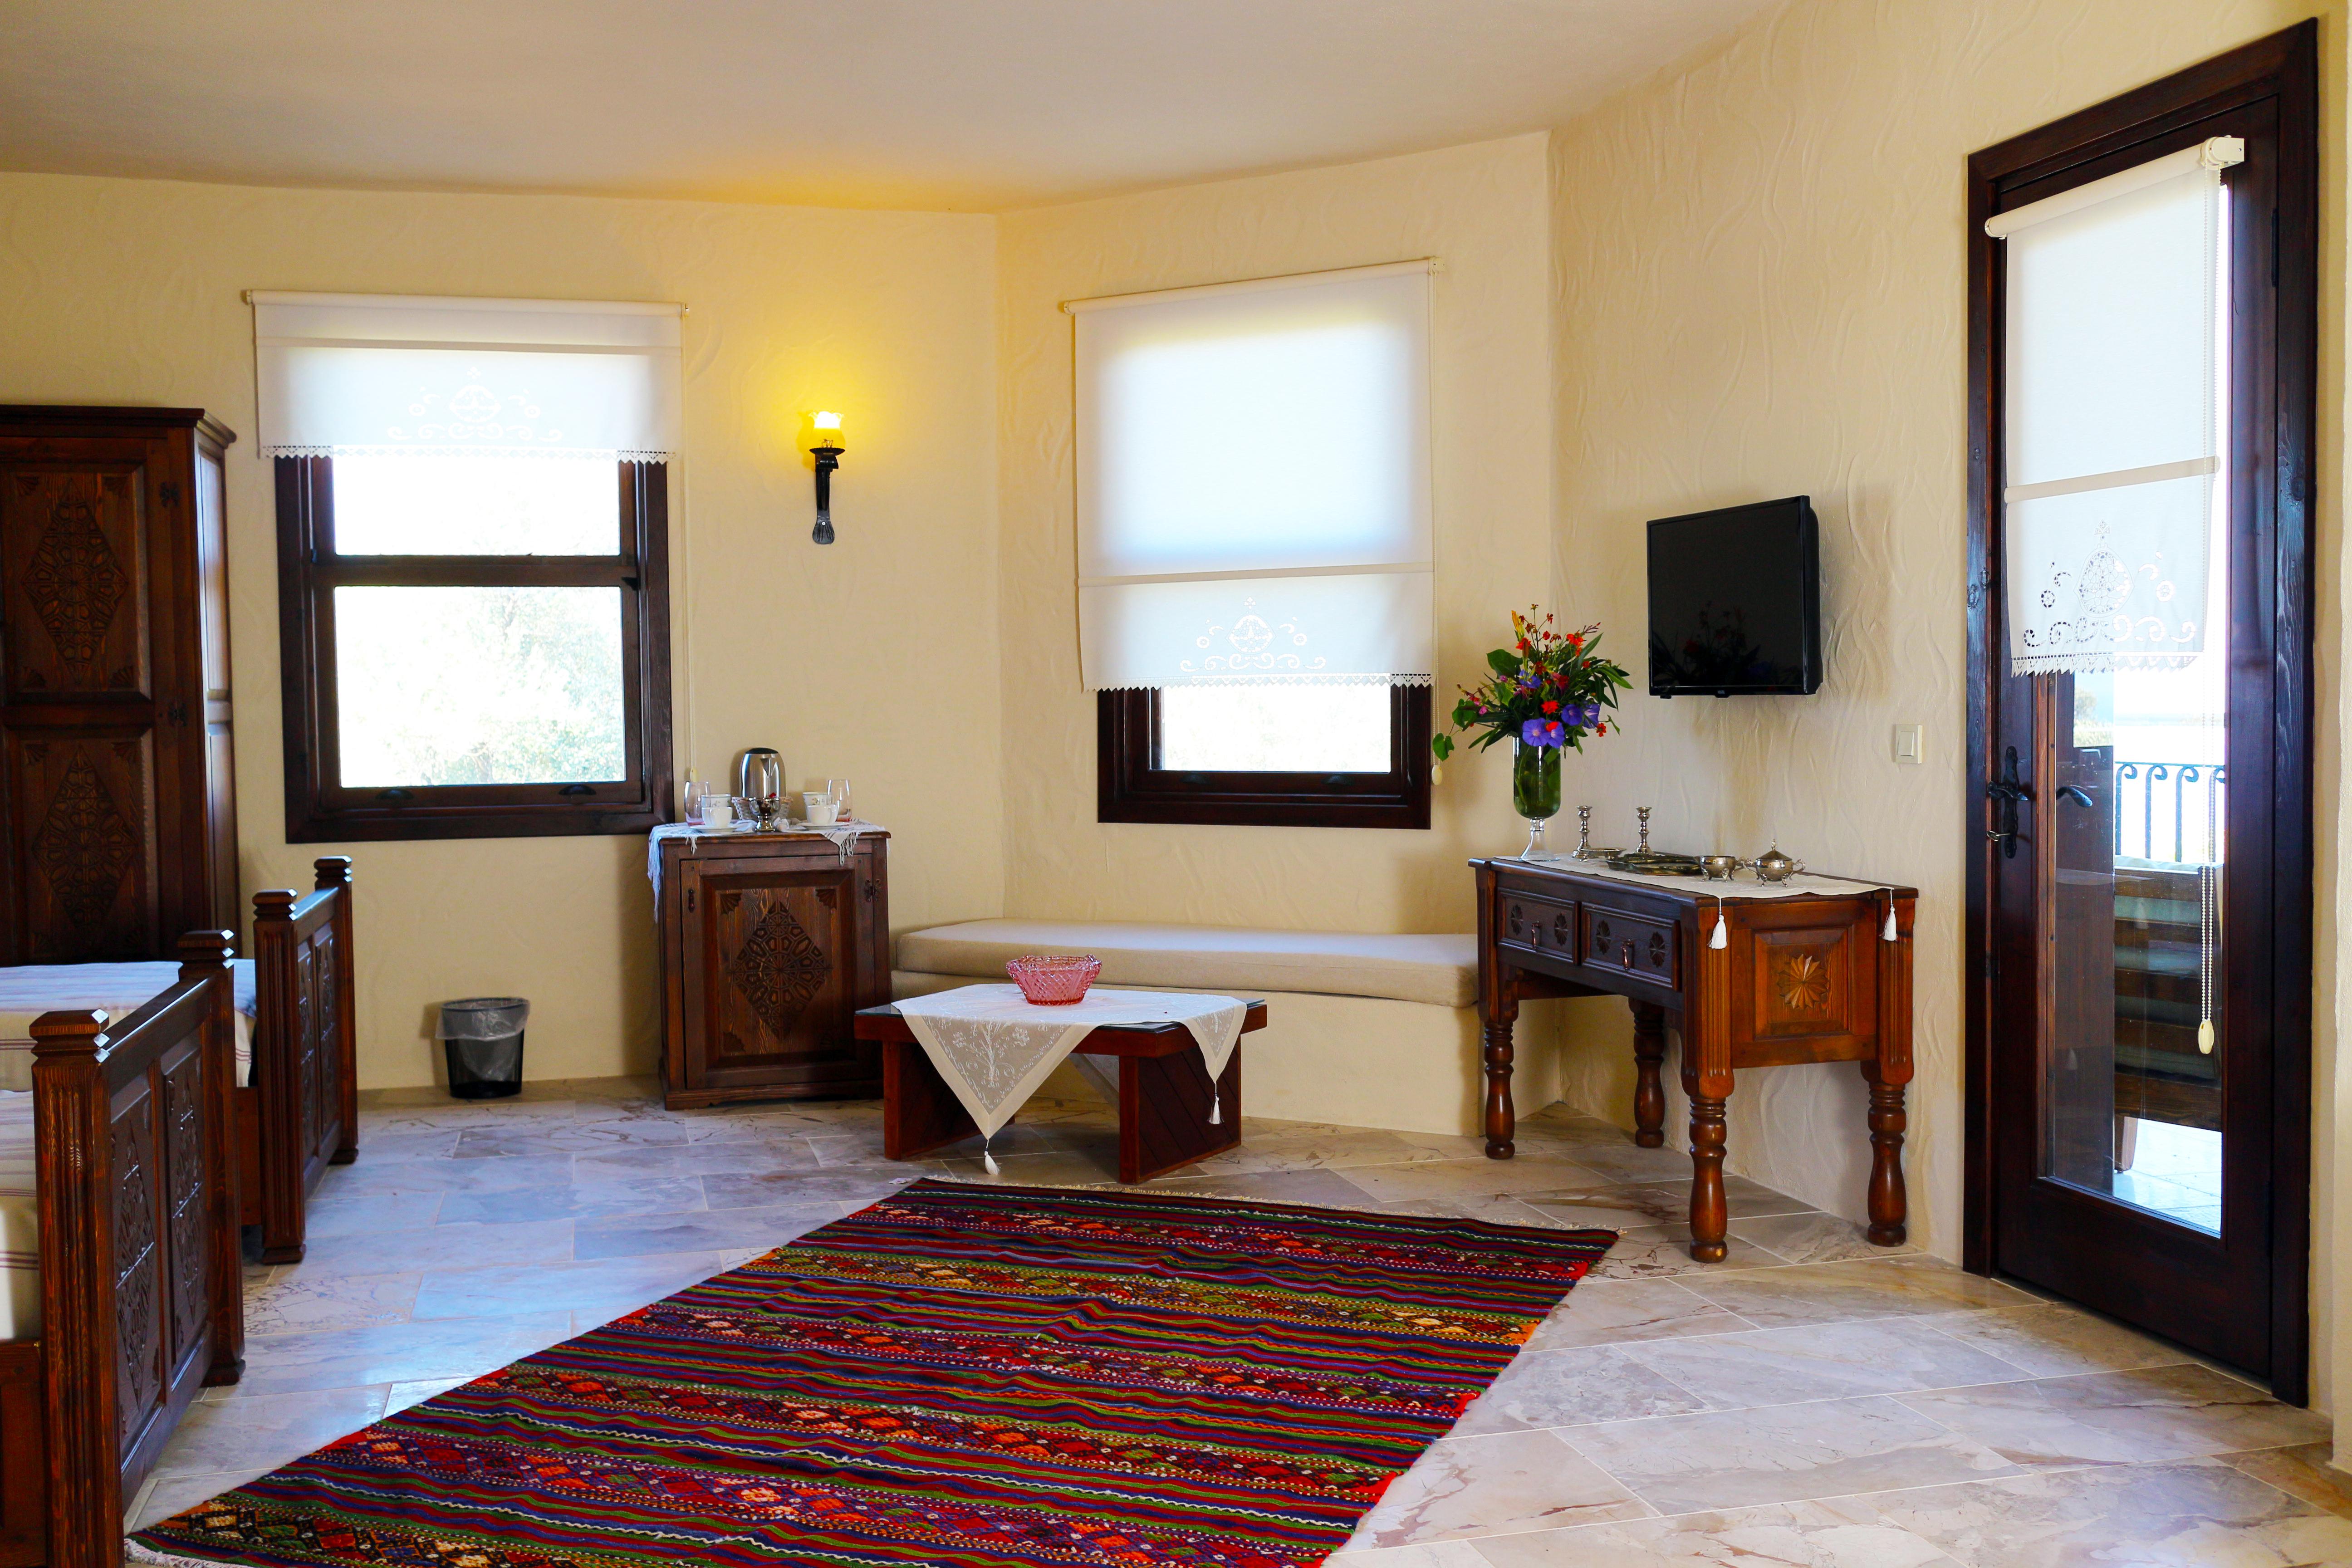 Ferienwohnung Luxurise Unterkunft und persnliches Ambiente in unzerstrter Natur (2742320), Fethiye, , Ägäisregion, Türkei, Bild 10